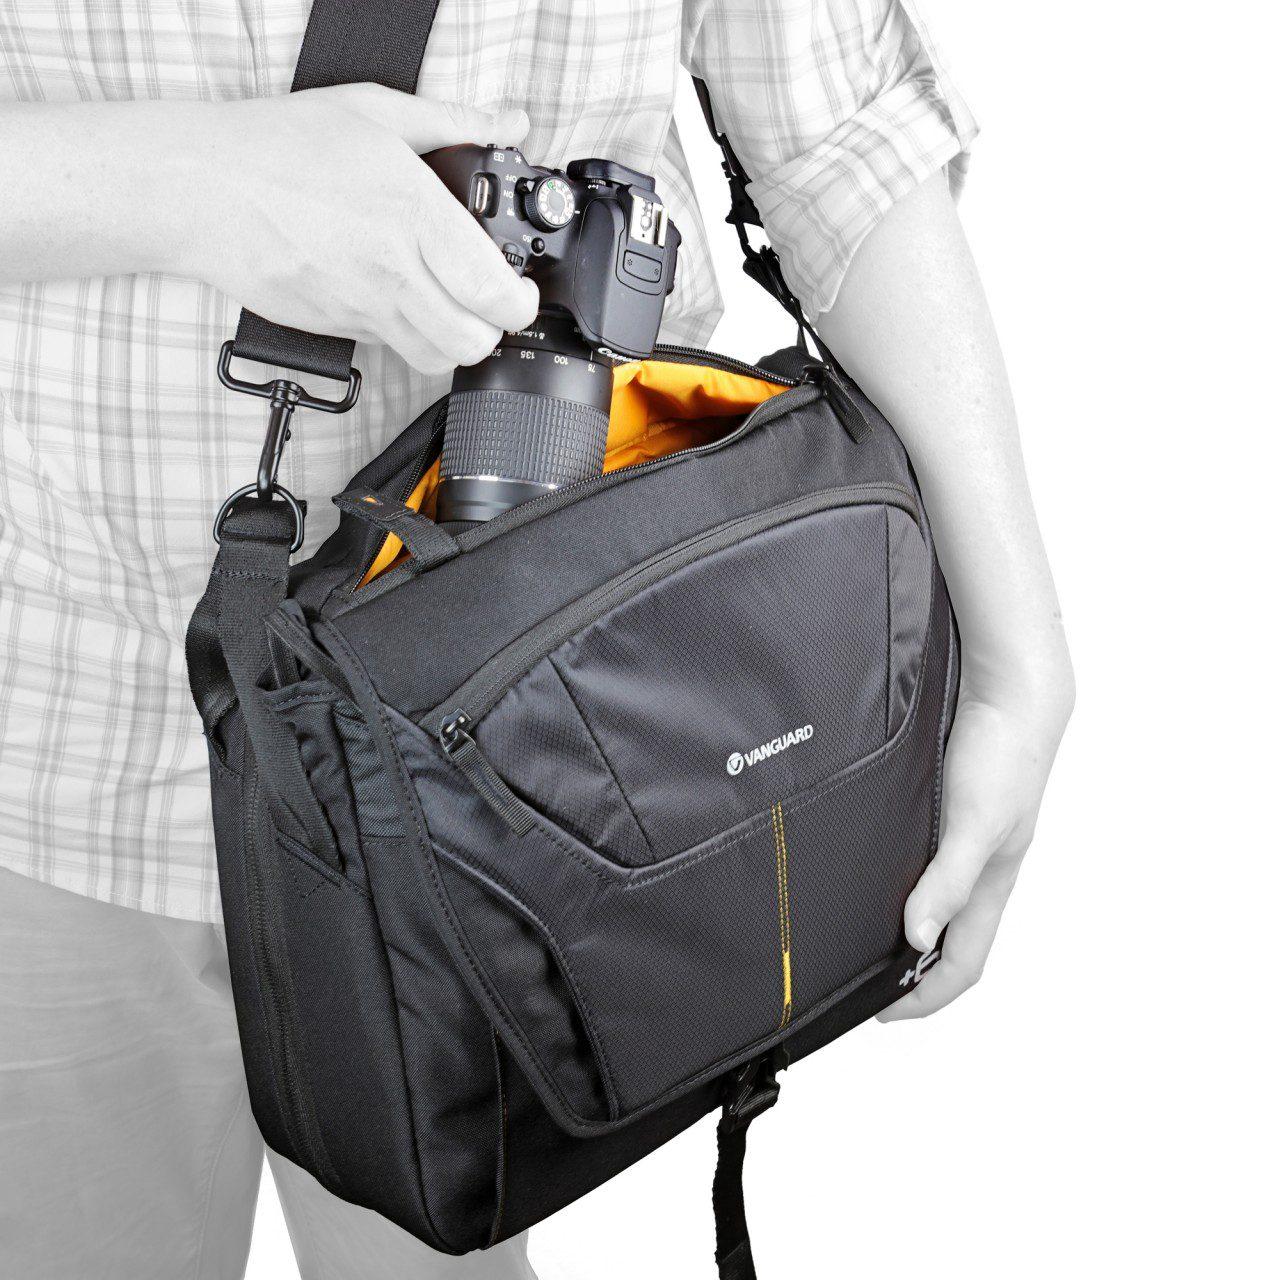 Vanguard Alta Rise 33 Messenger Bag Kopen The Heralder Shoulder 1264645 Image Svg Xml